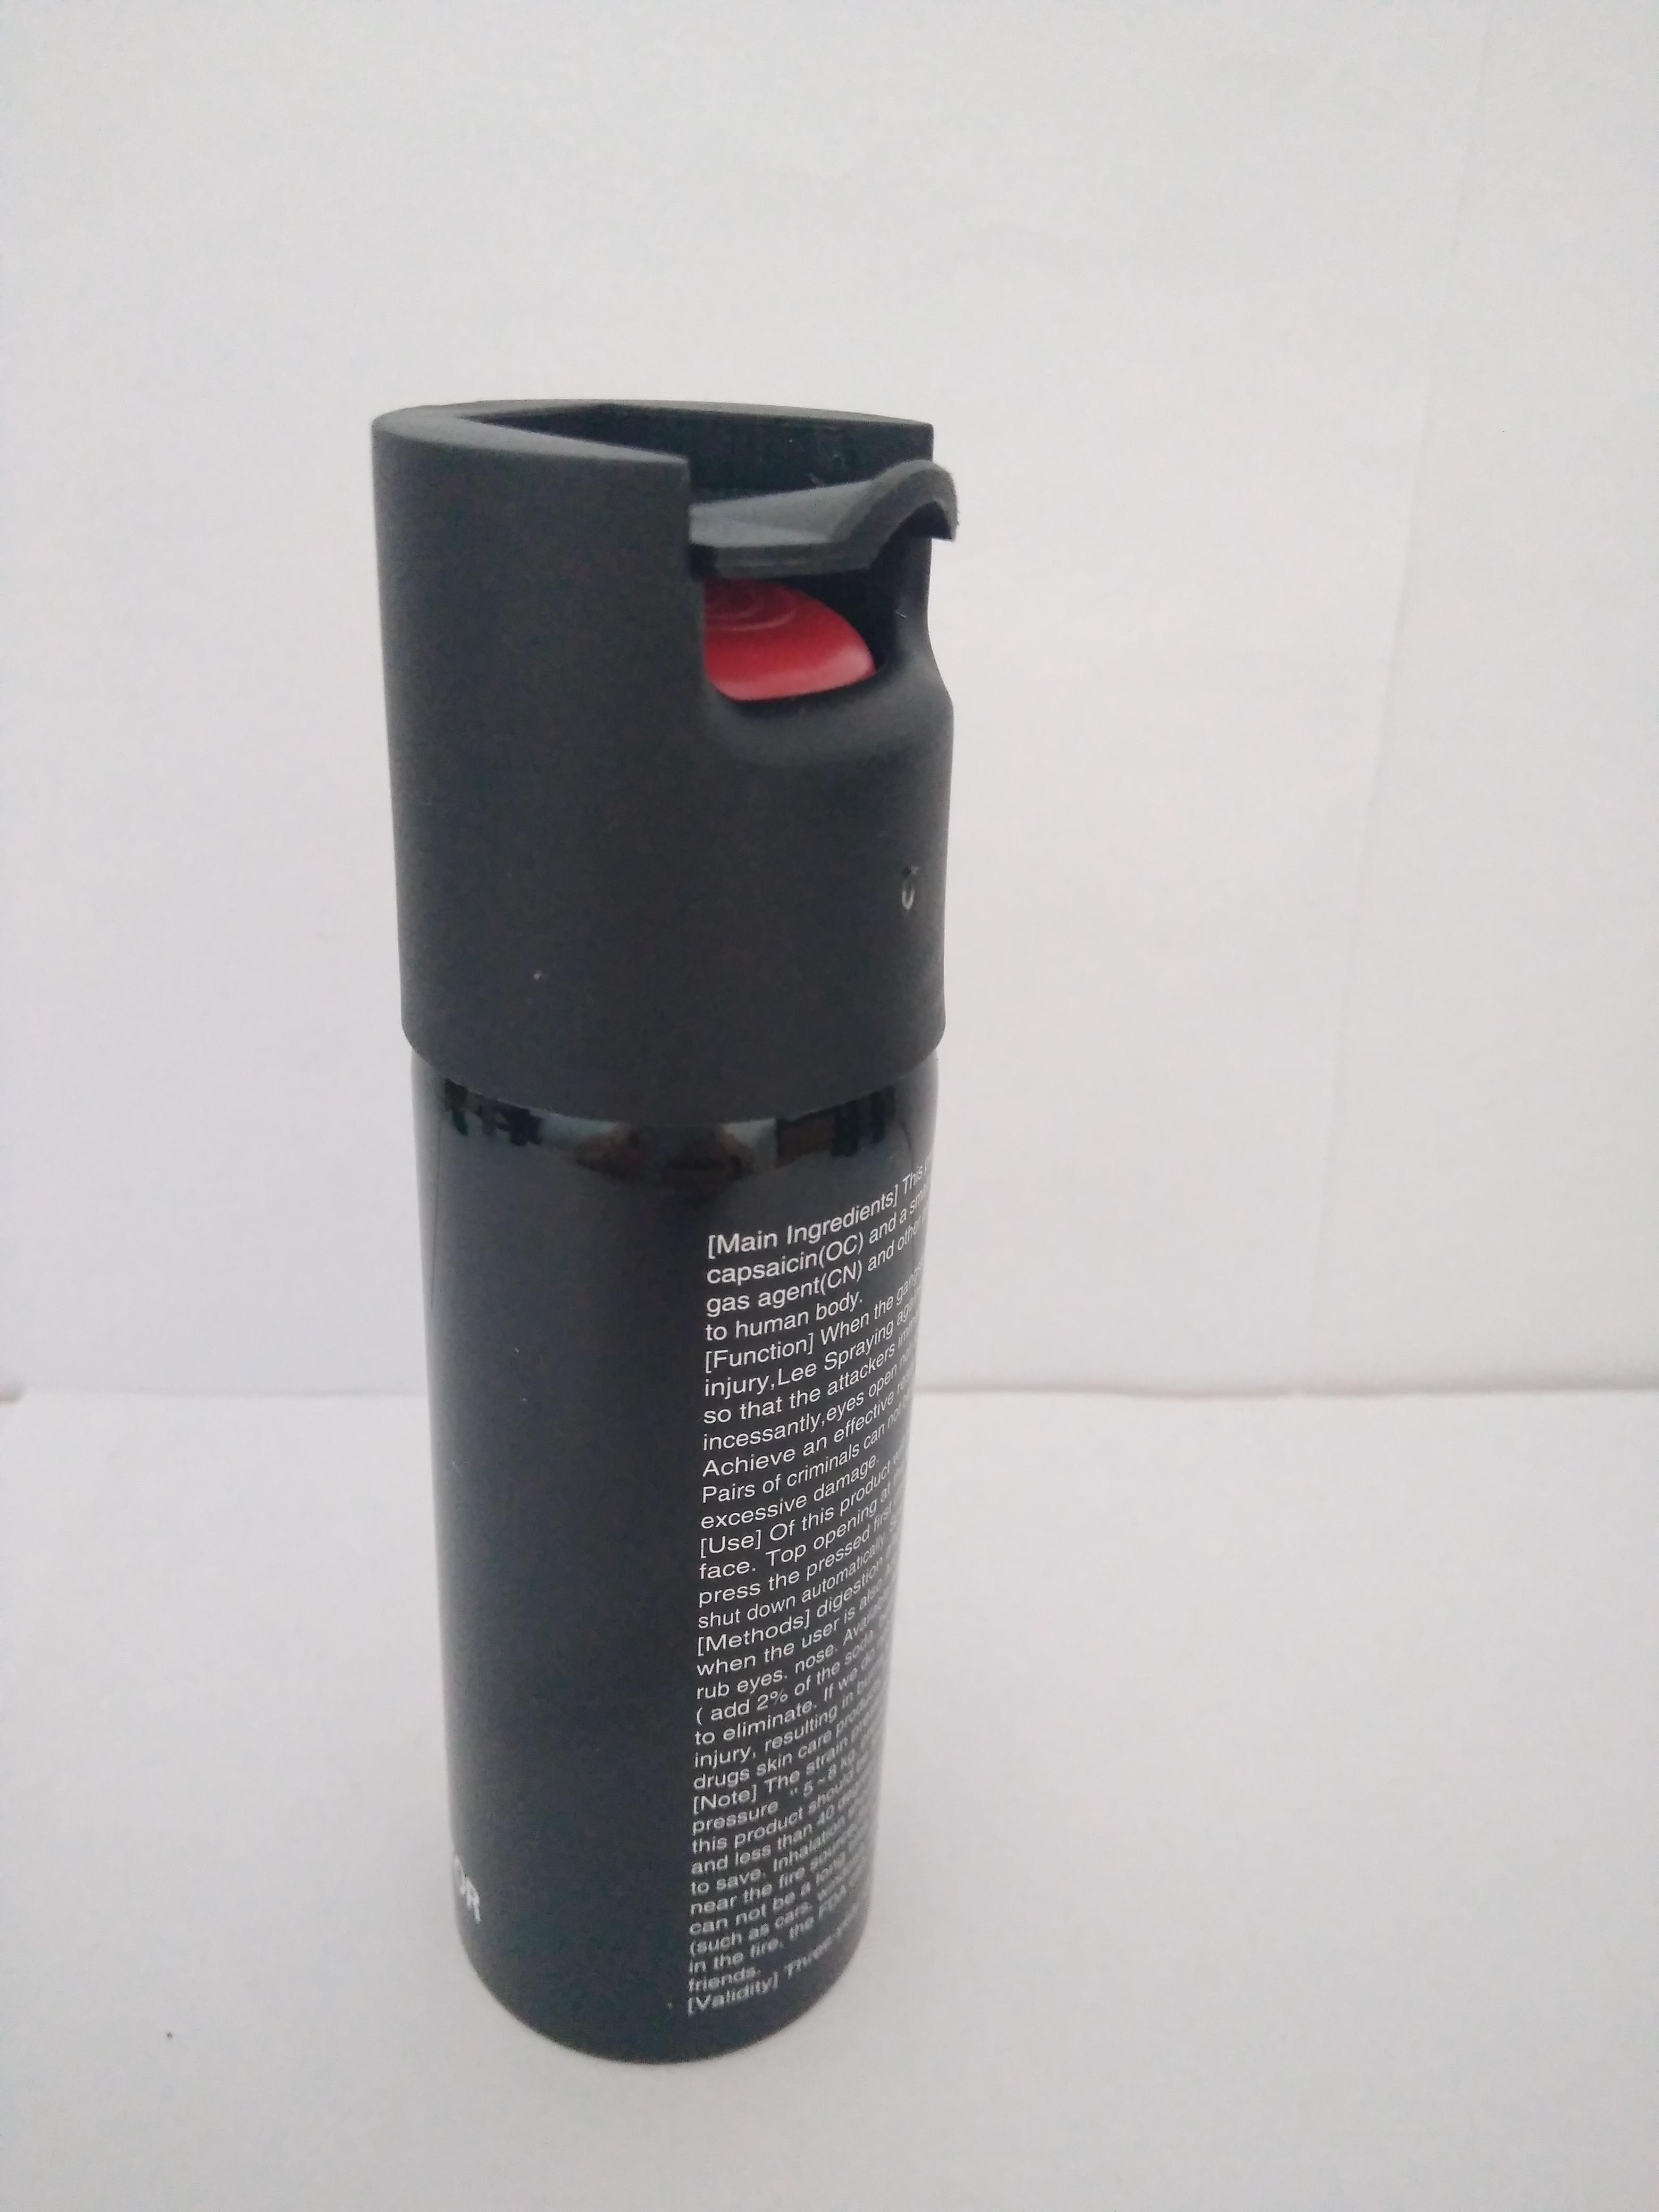 防狼喷雾剂都有哪些用途?